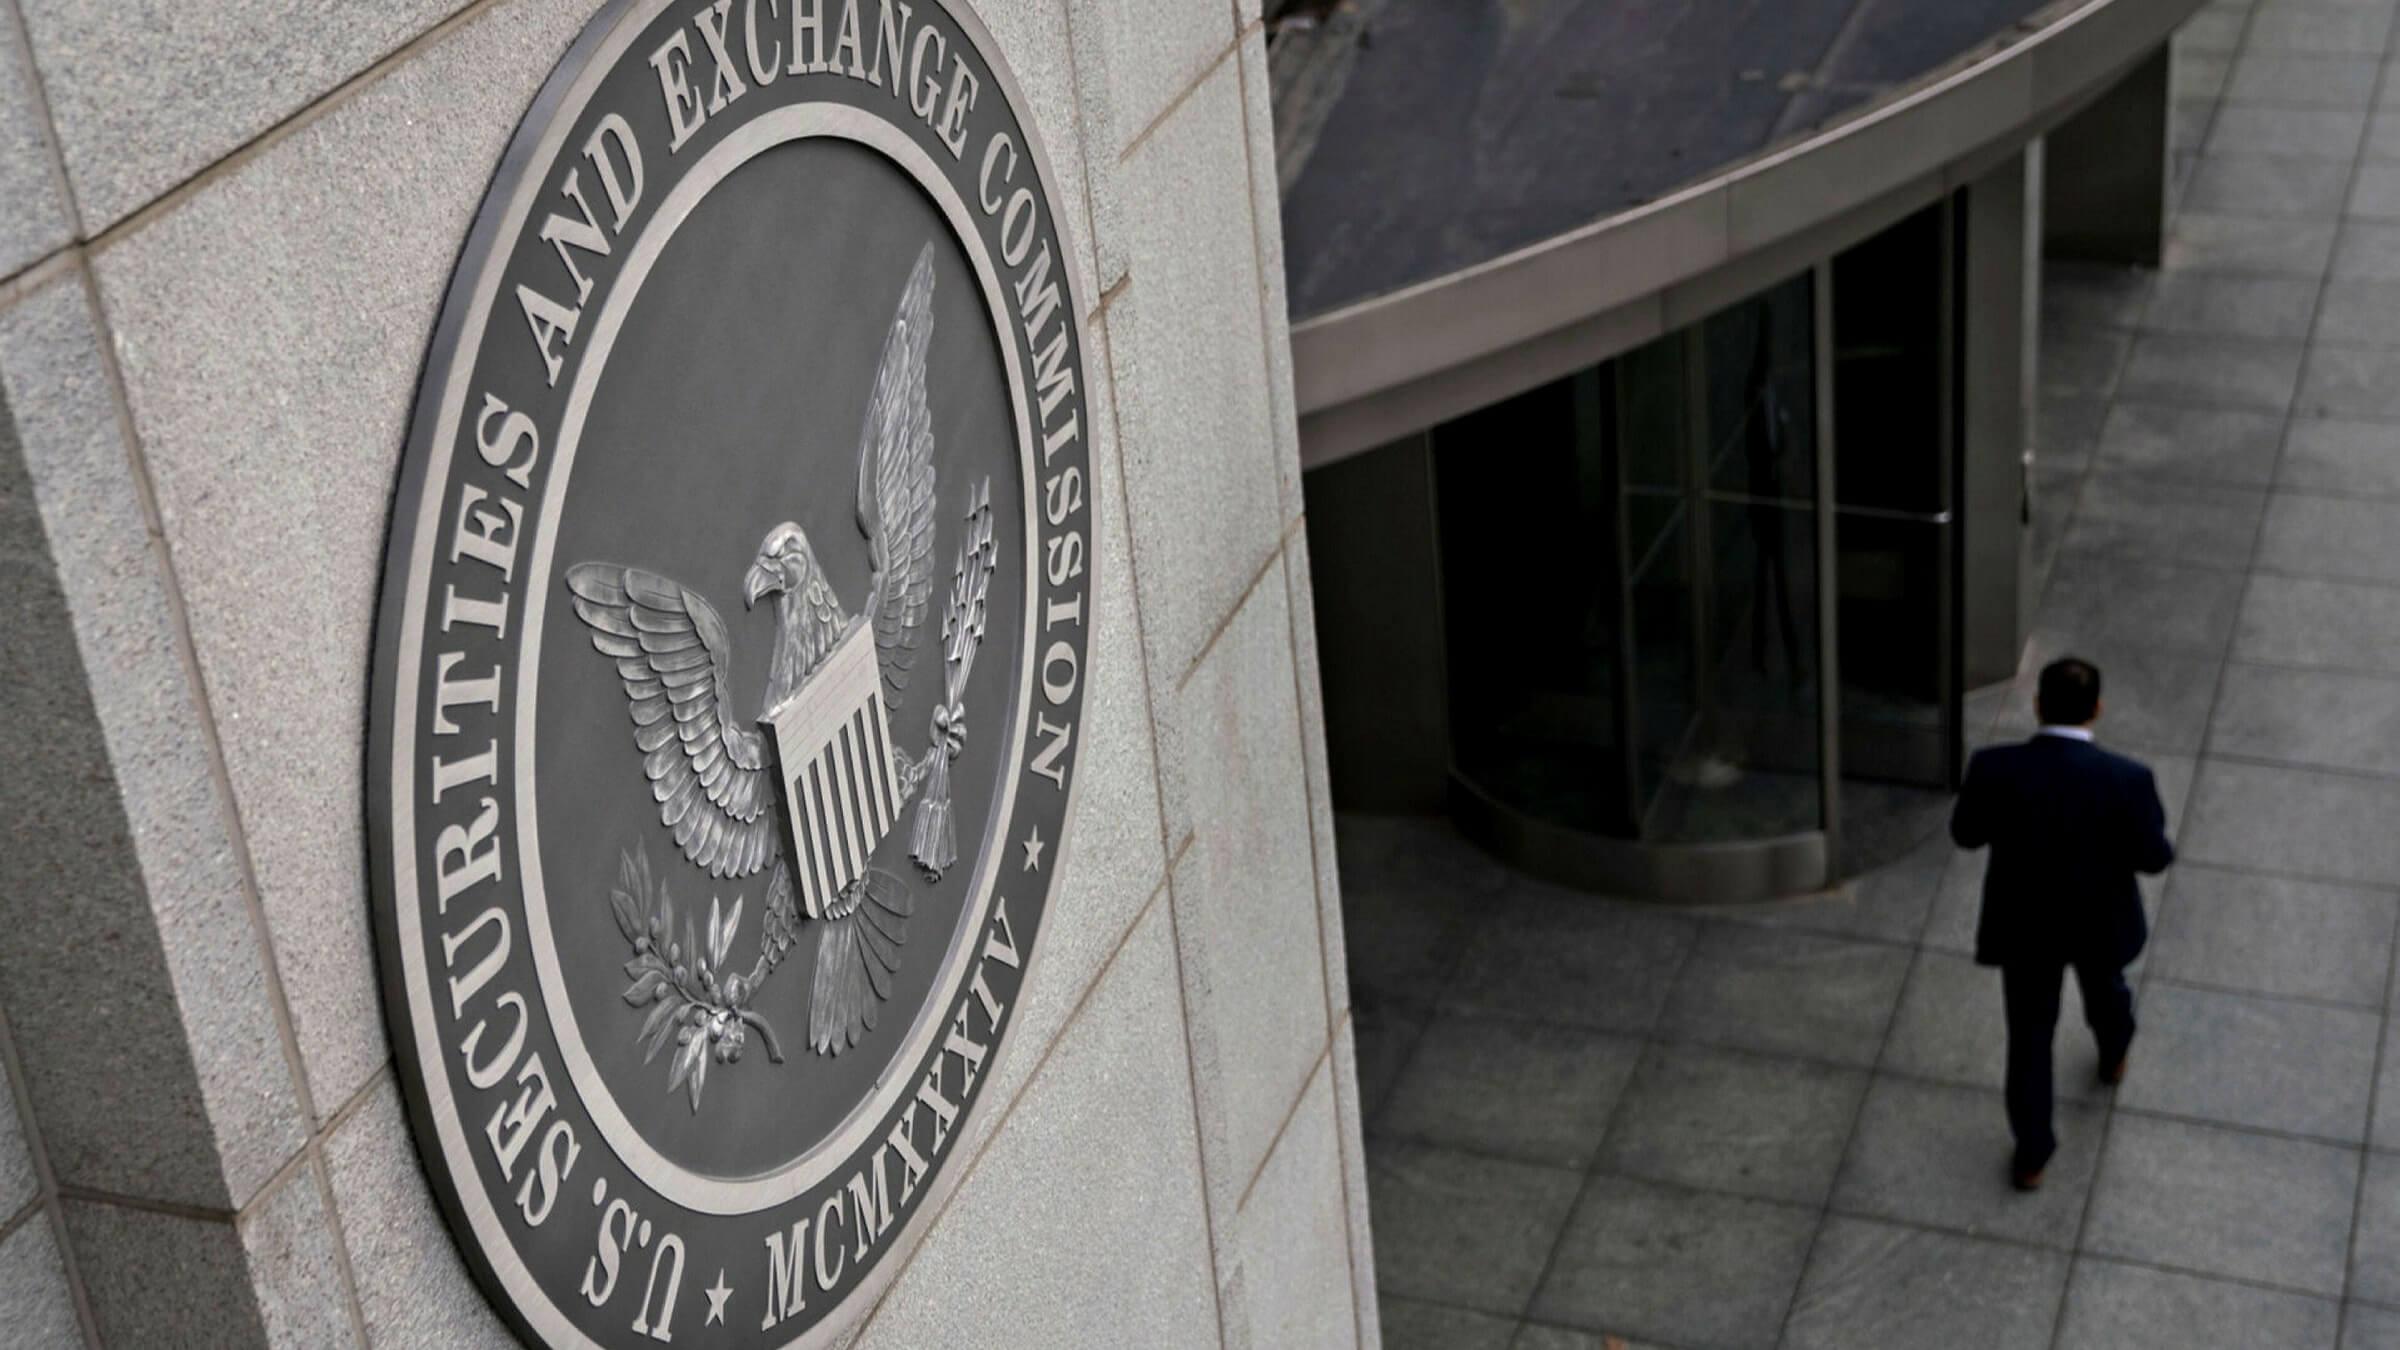 SEC регулятор экономика финансы